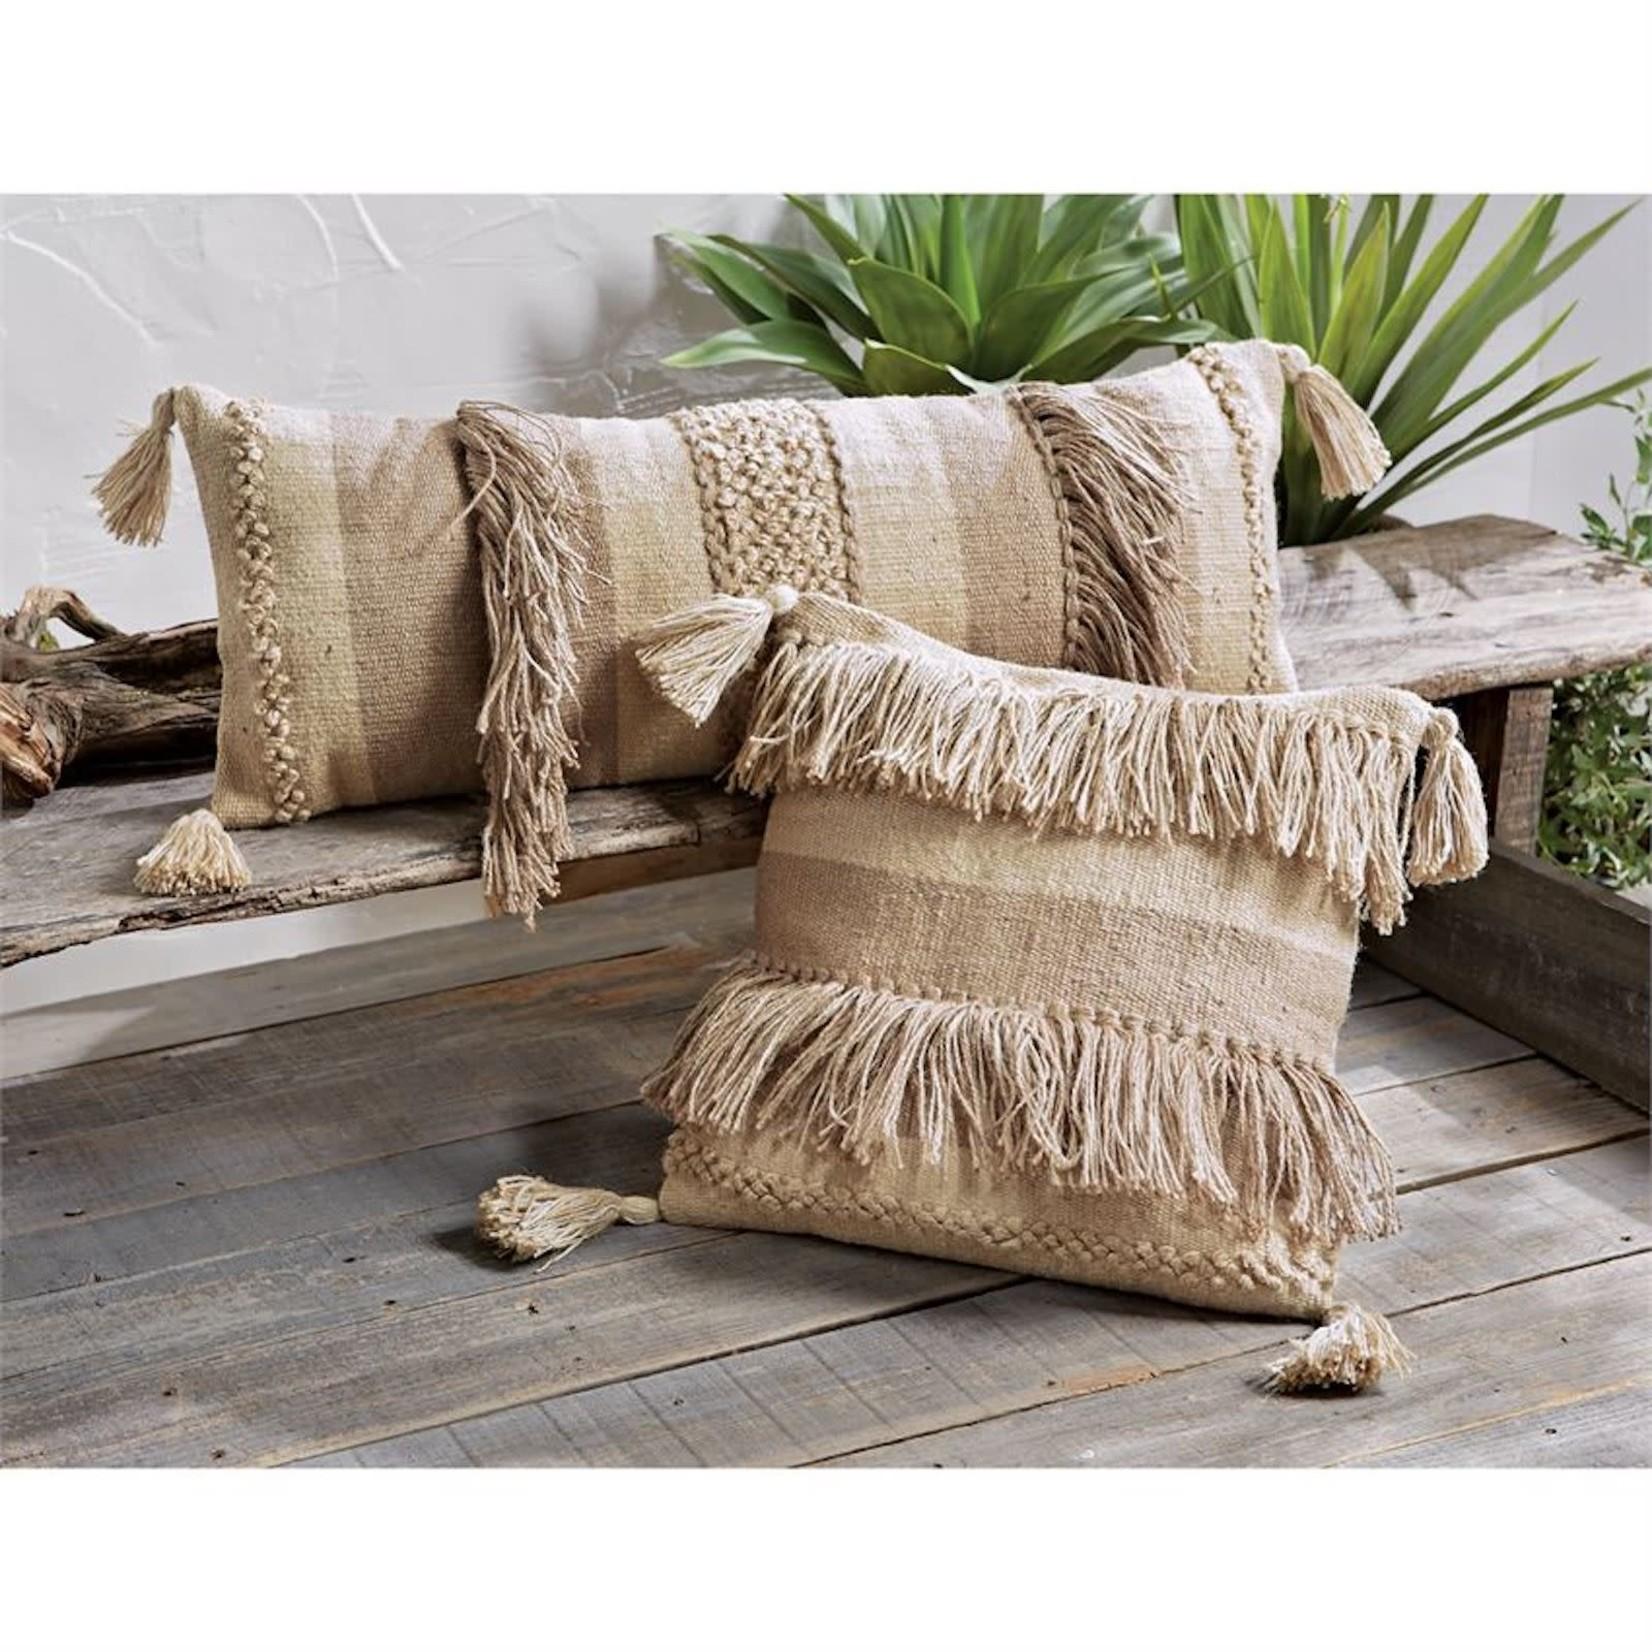 Jute Fringe Pillows